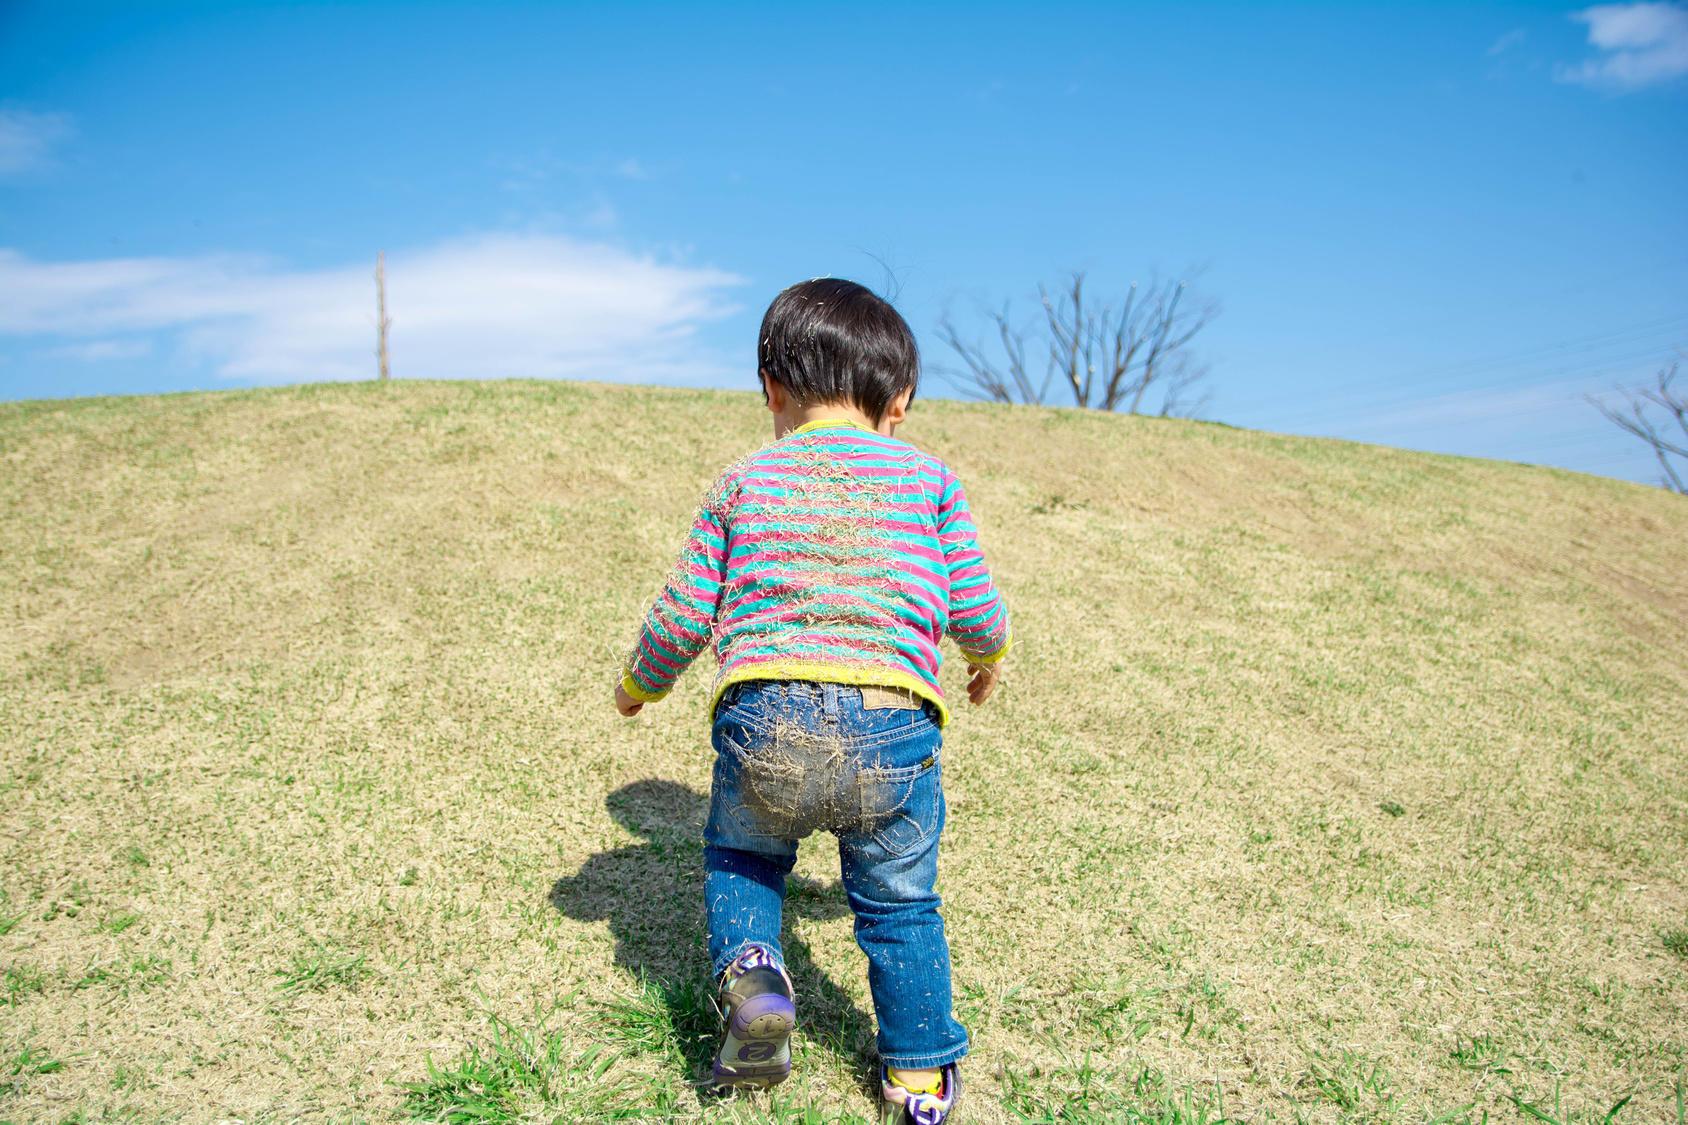 子ども虐待による死亡事例等の検証結果を公表―転居によるリスク拡大などに警鐘